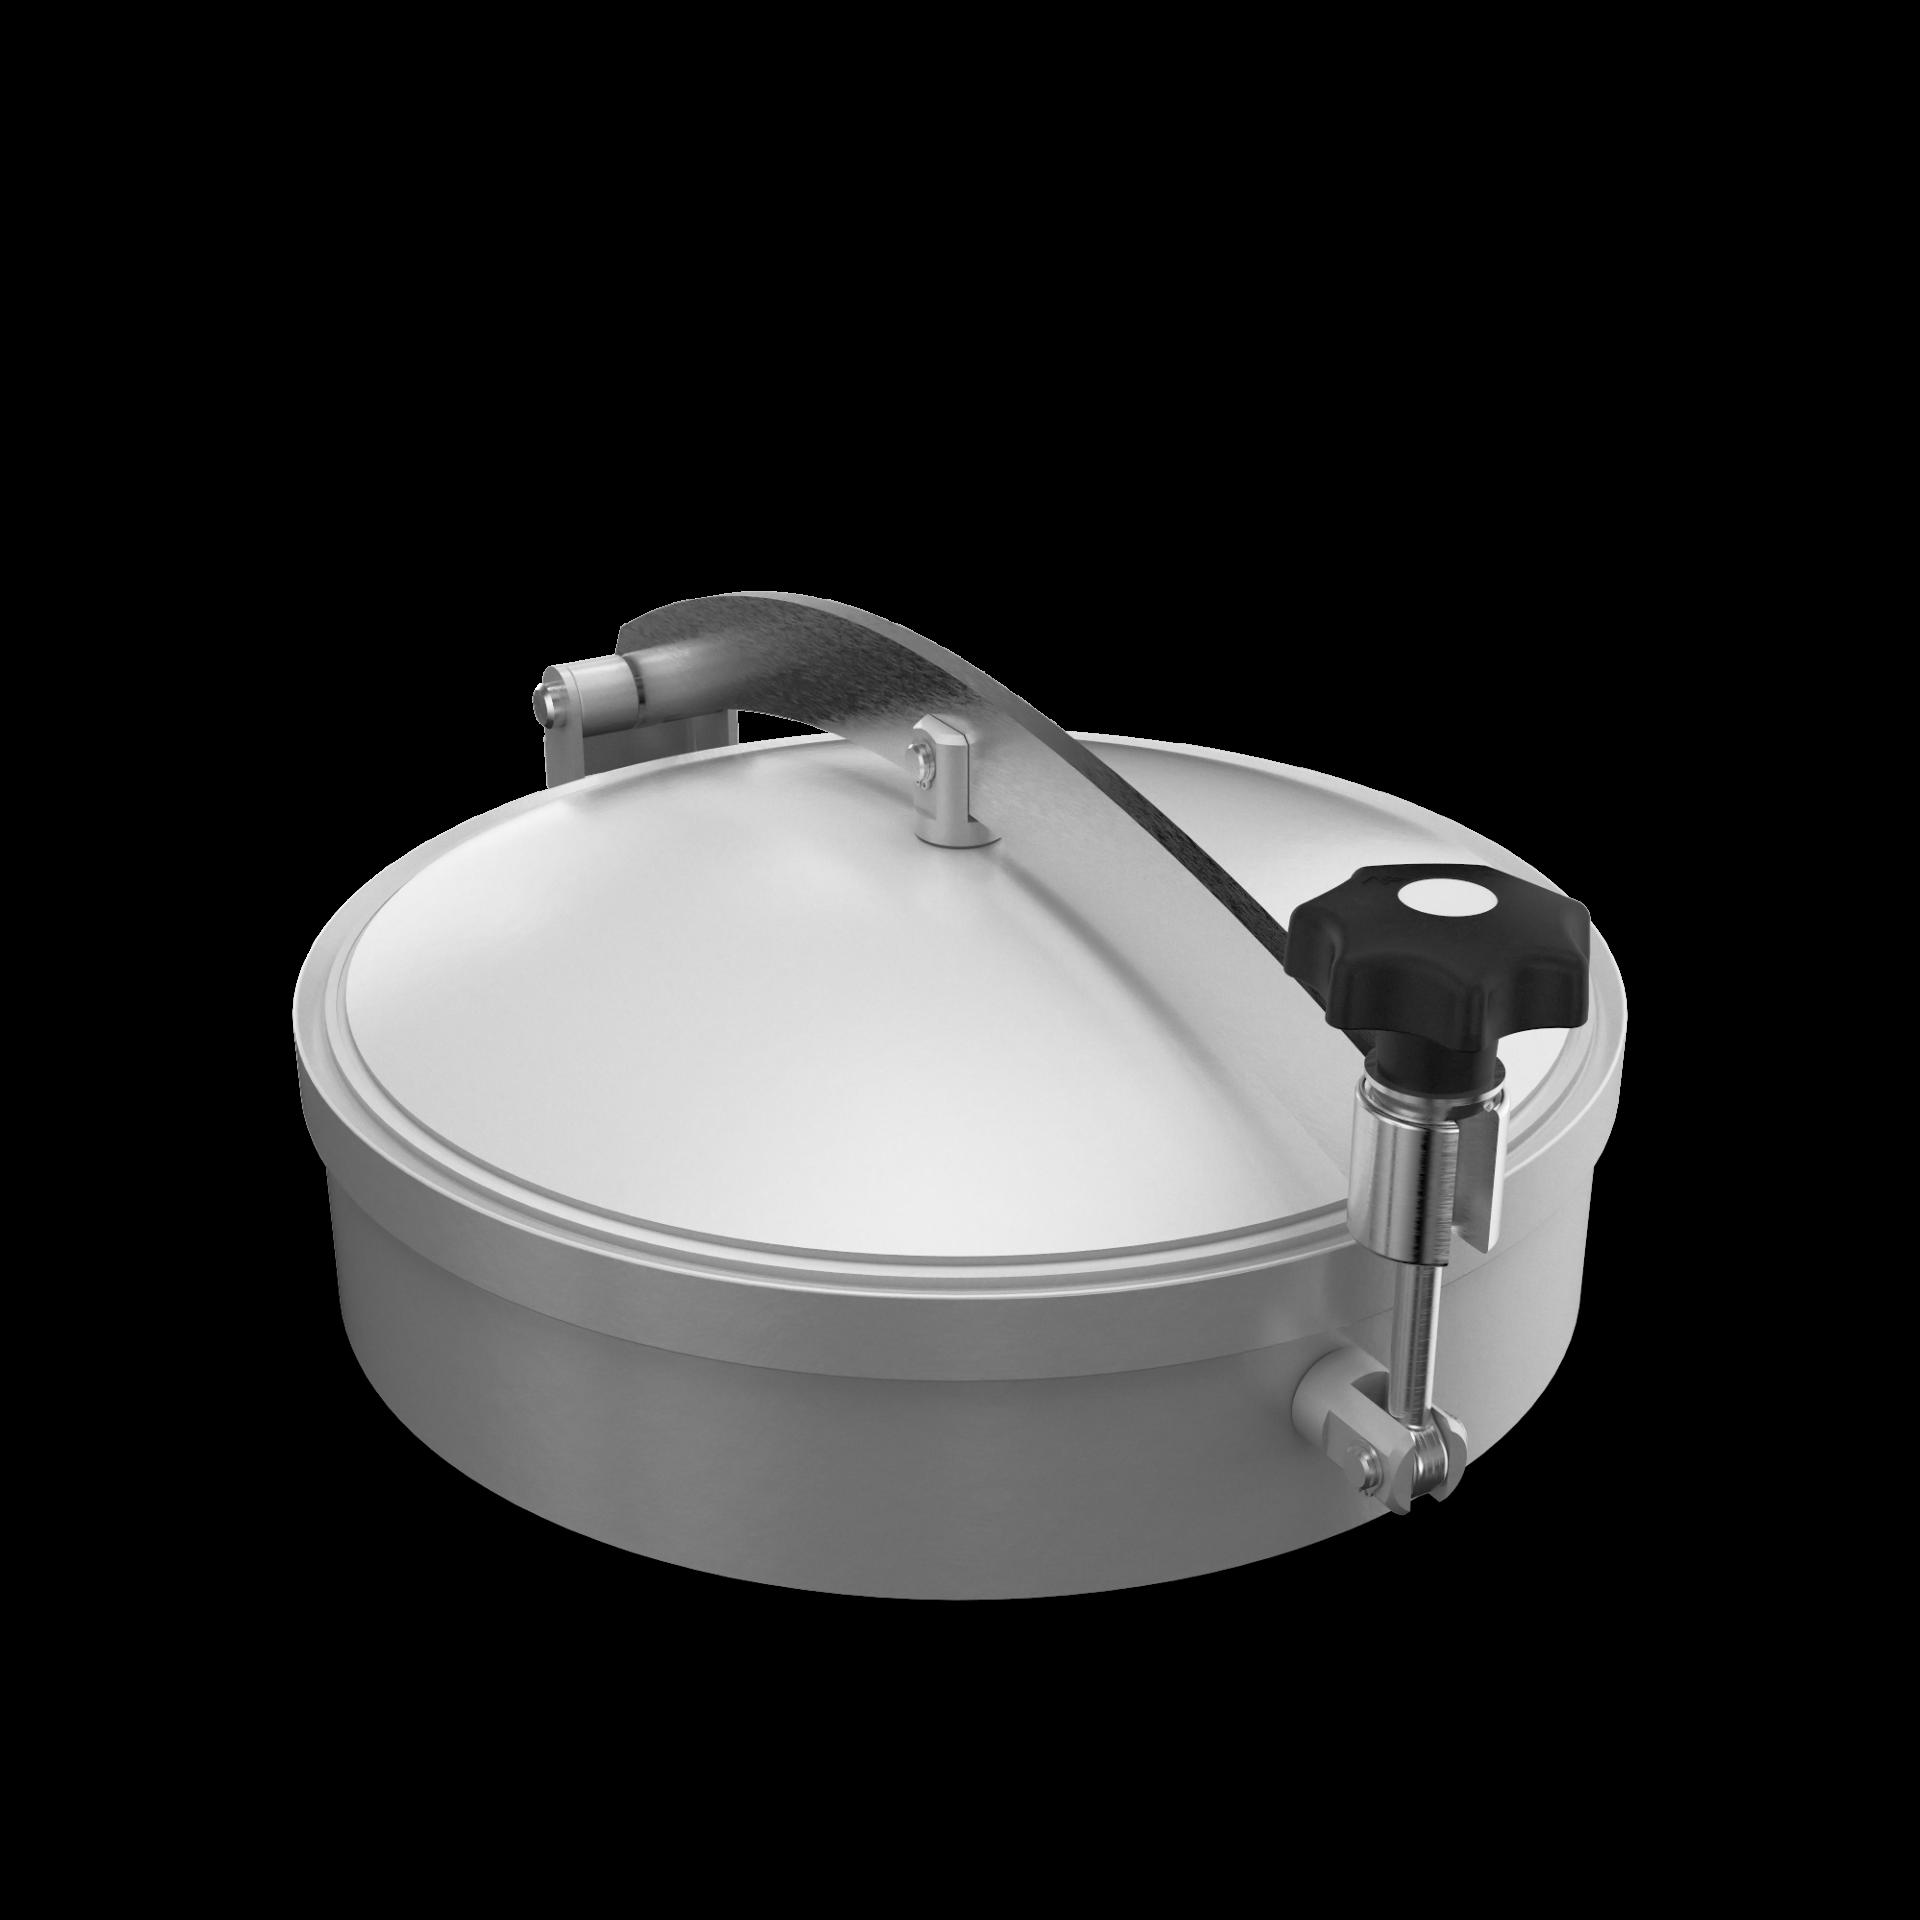 Drucklose Domdeckel mit Zentralbügel und O-Ringdichtung